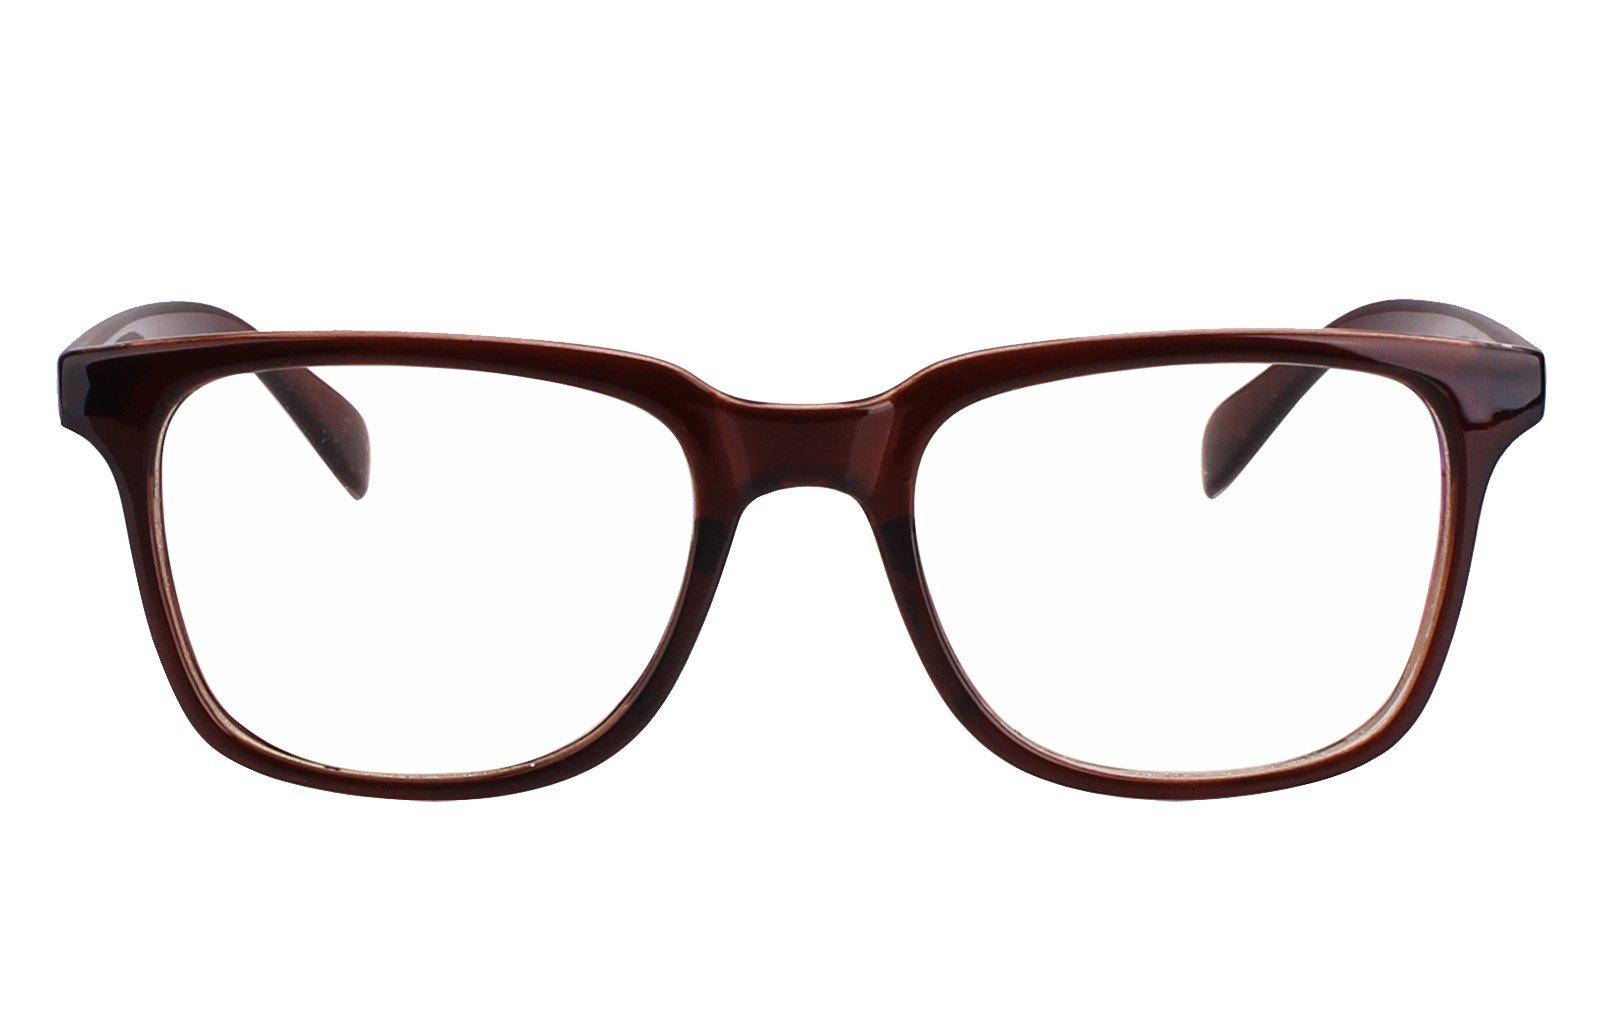 Agstum Wayfarer Plain Glasses Frame Eyeglasses Clear Lens (Tea brown, 52)